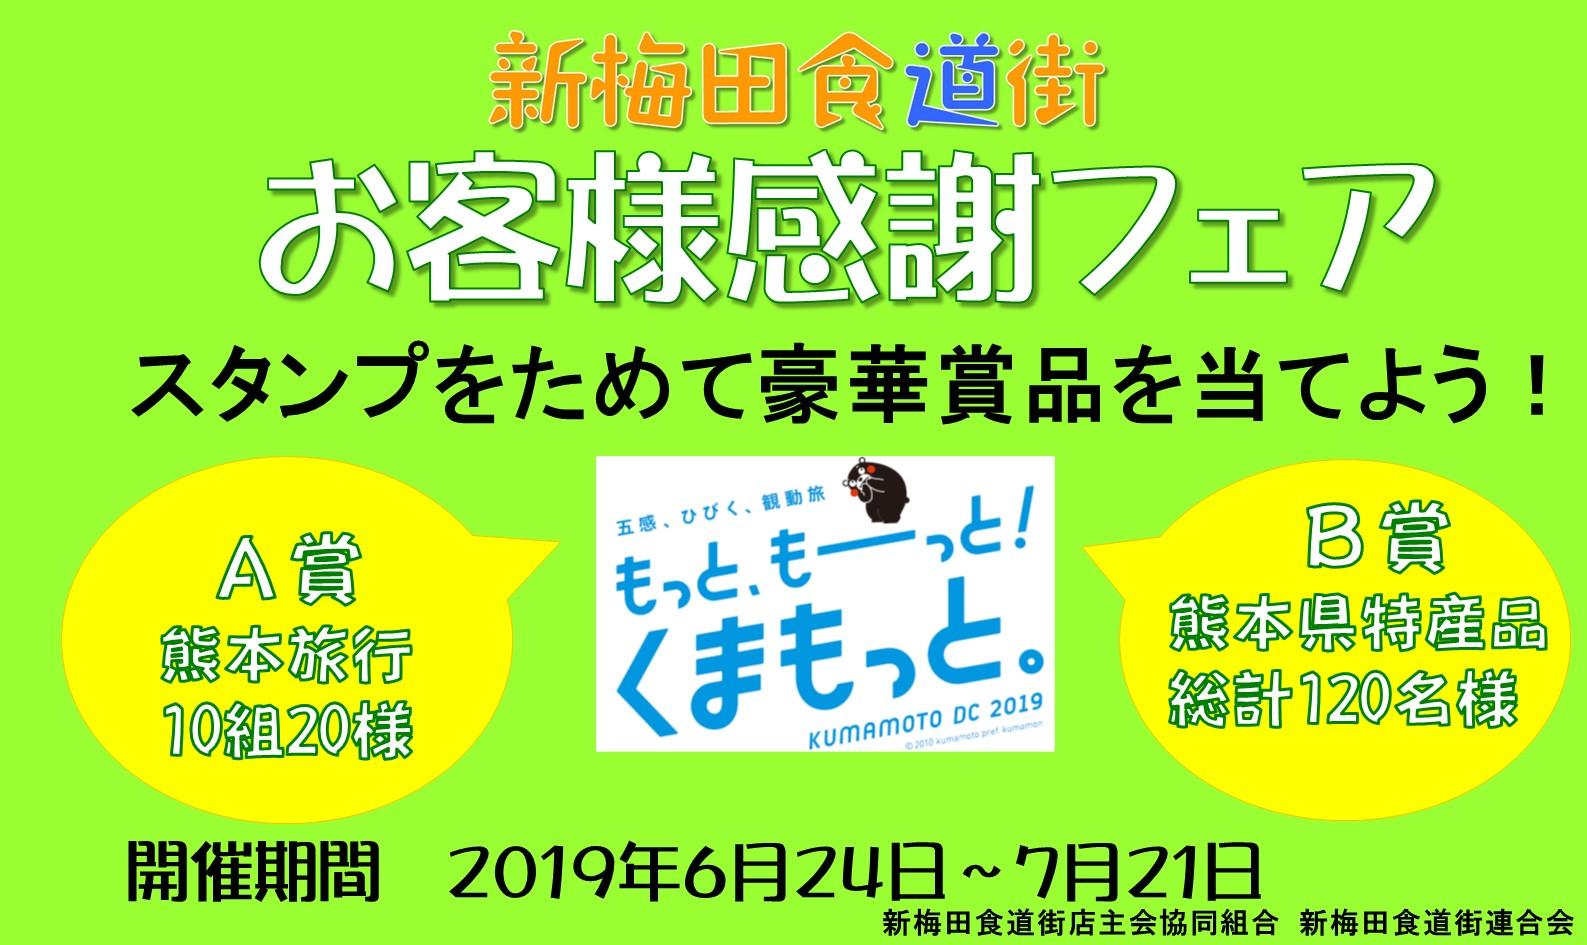 新梅田食道街「お客様感謝フェア」を開催します。